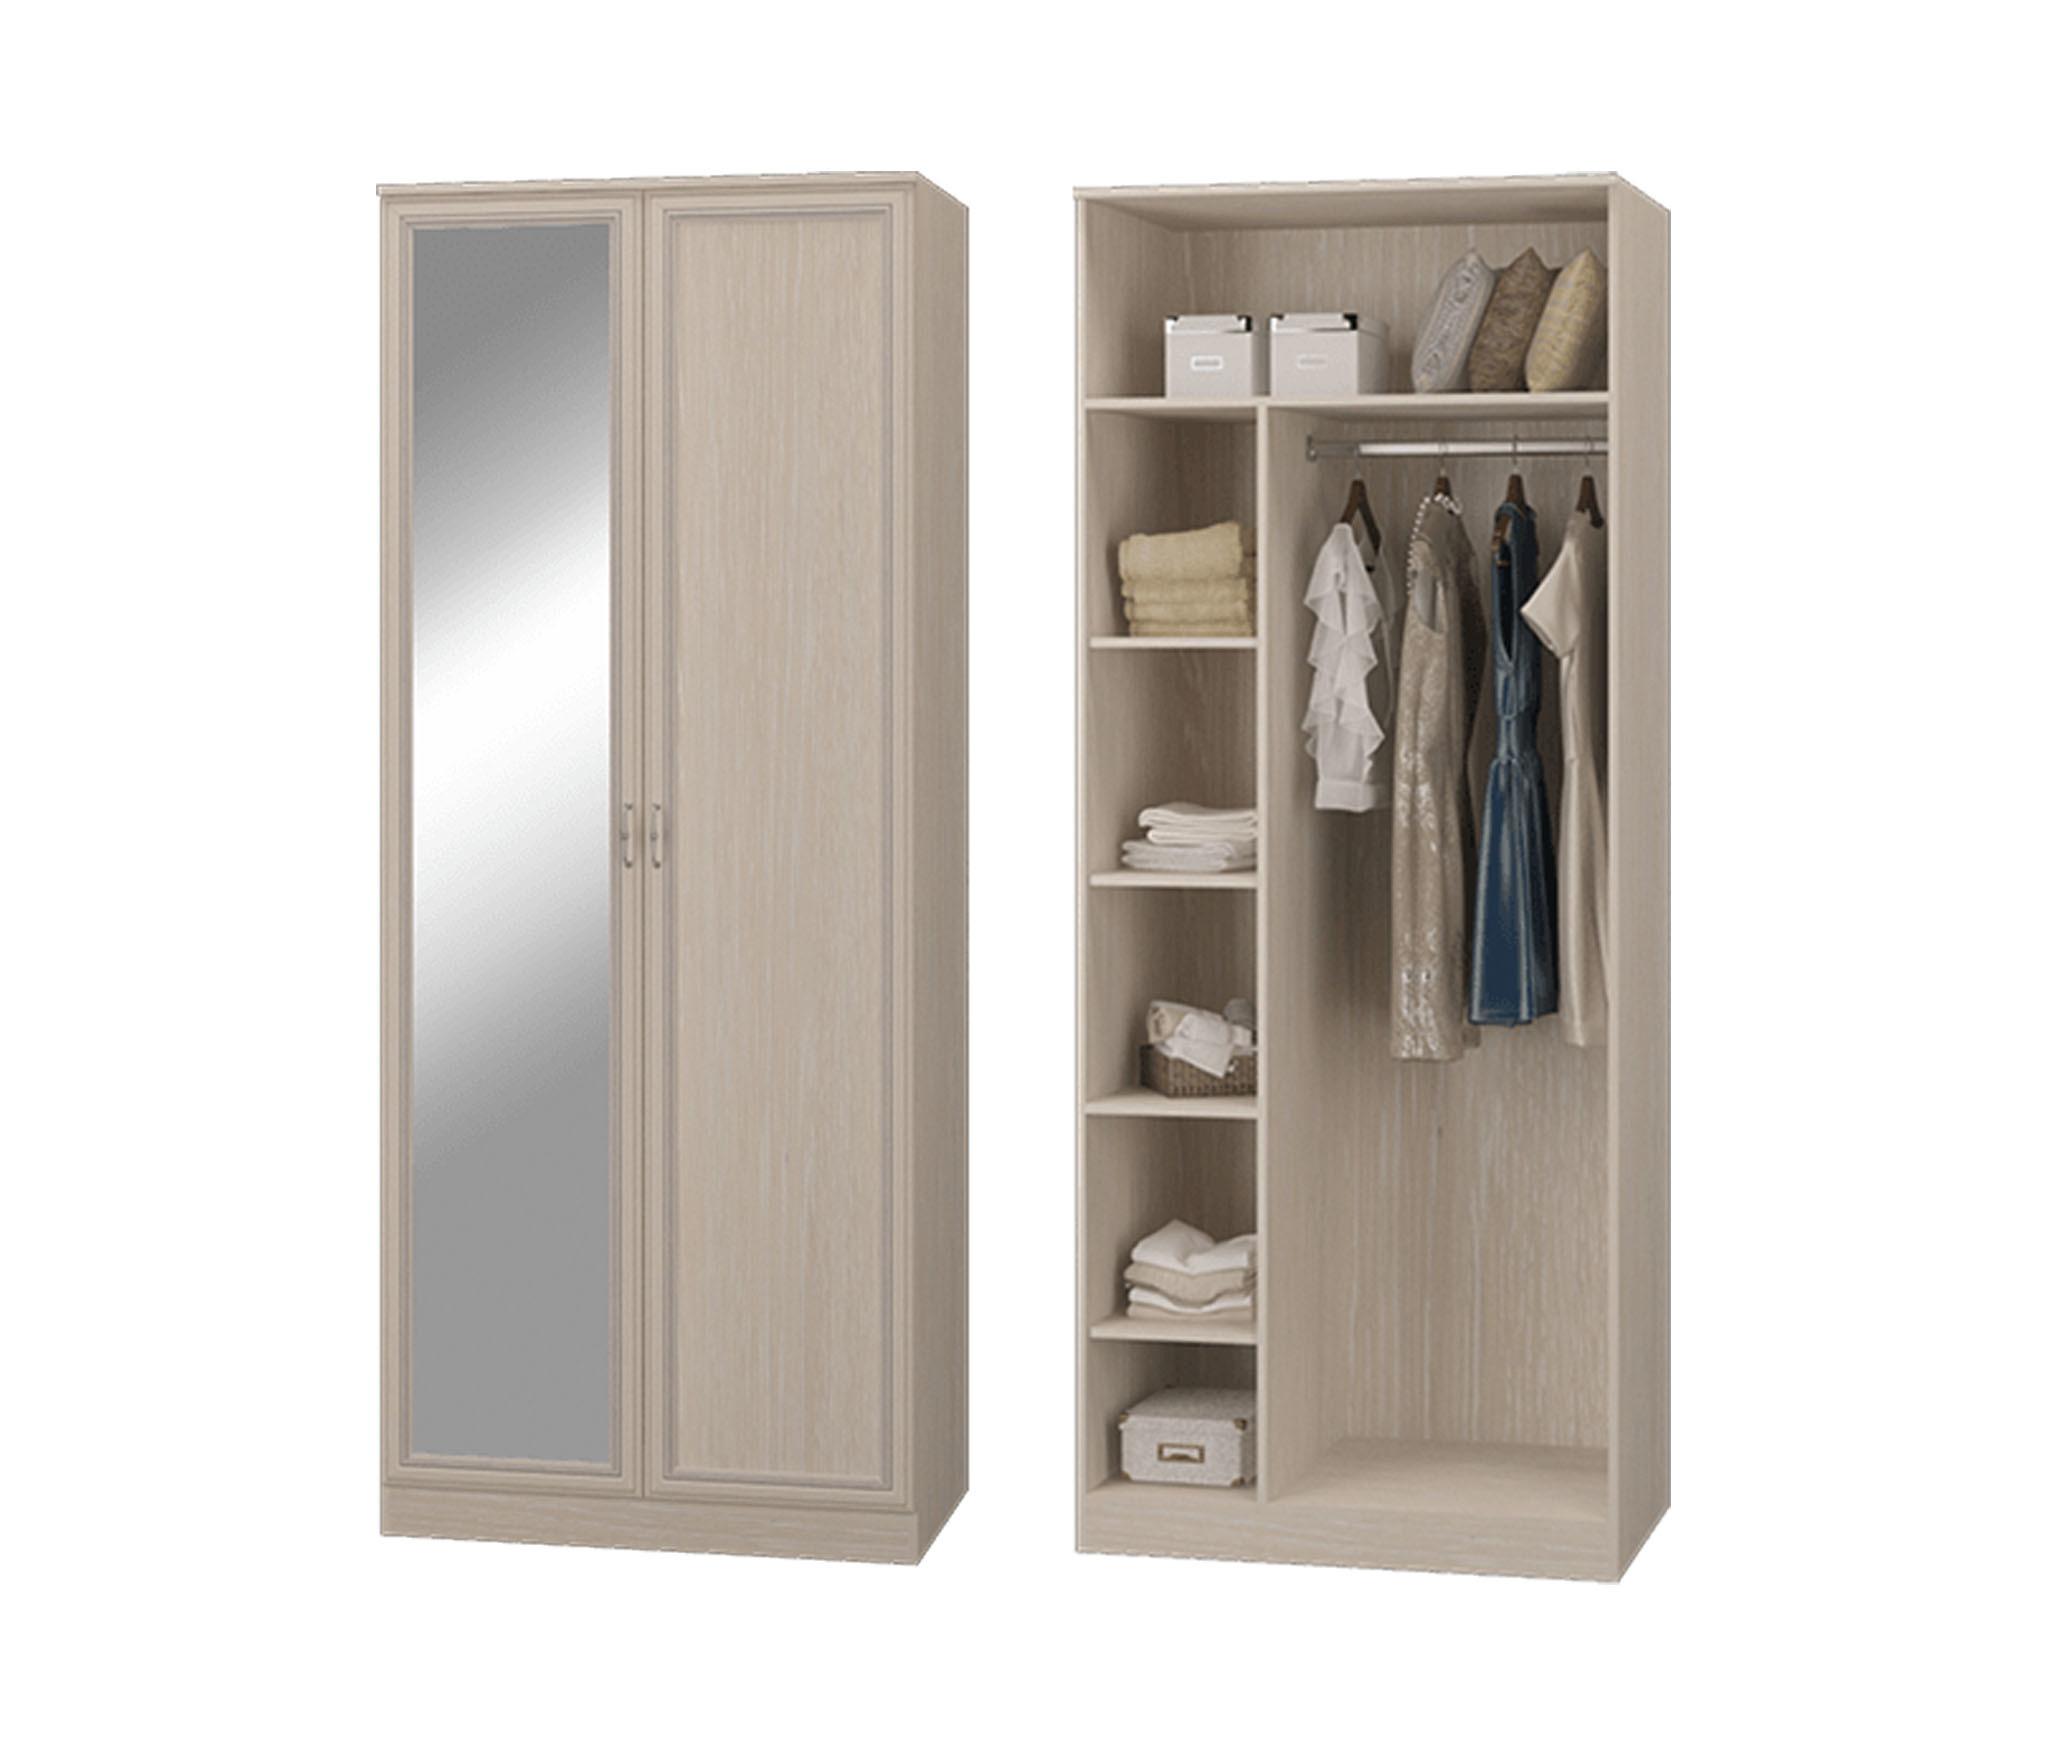 Фото - Шкаф двухдверный с зеркалом гостиная РОВЕНА фирсова в 15 минут перед зеркалом